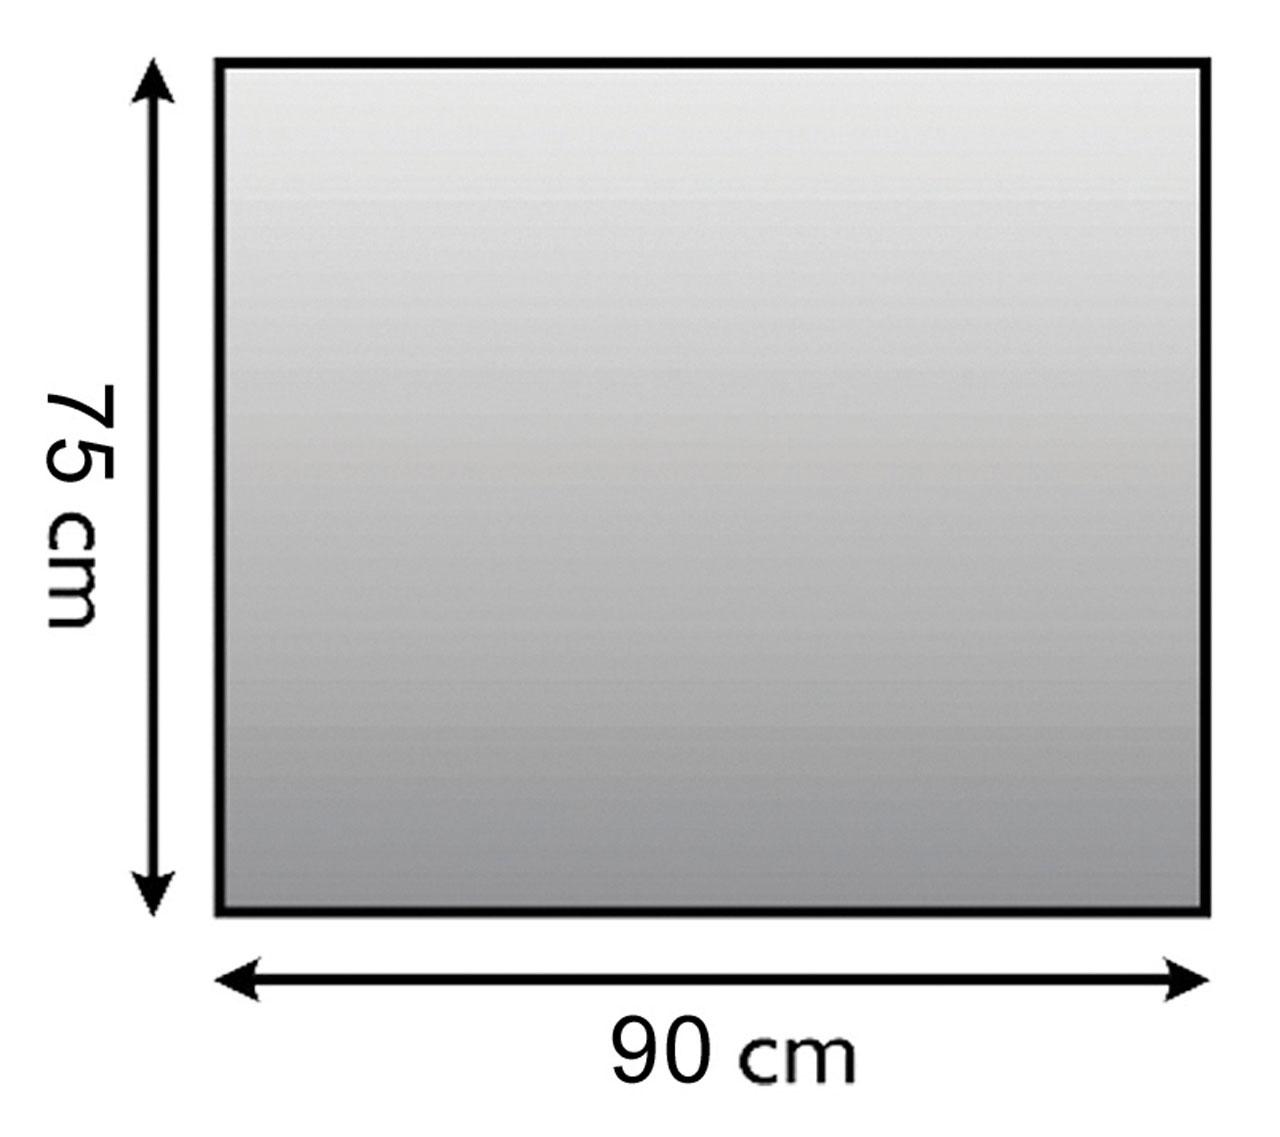 Funkenschutzplatte / Bodenblech Lienbacher schwarz 4-Eck 90x75cm Bild 1